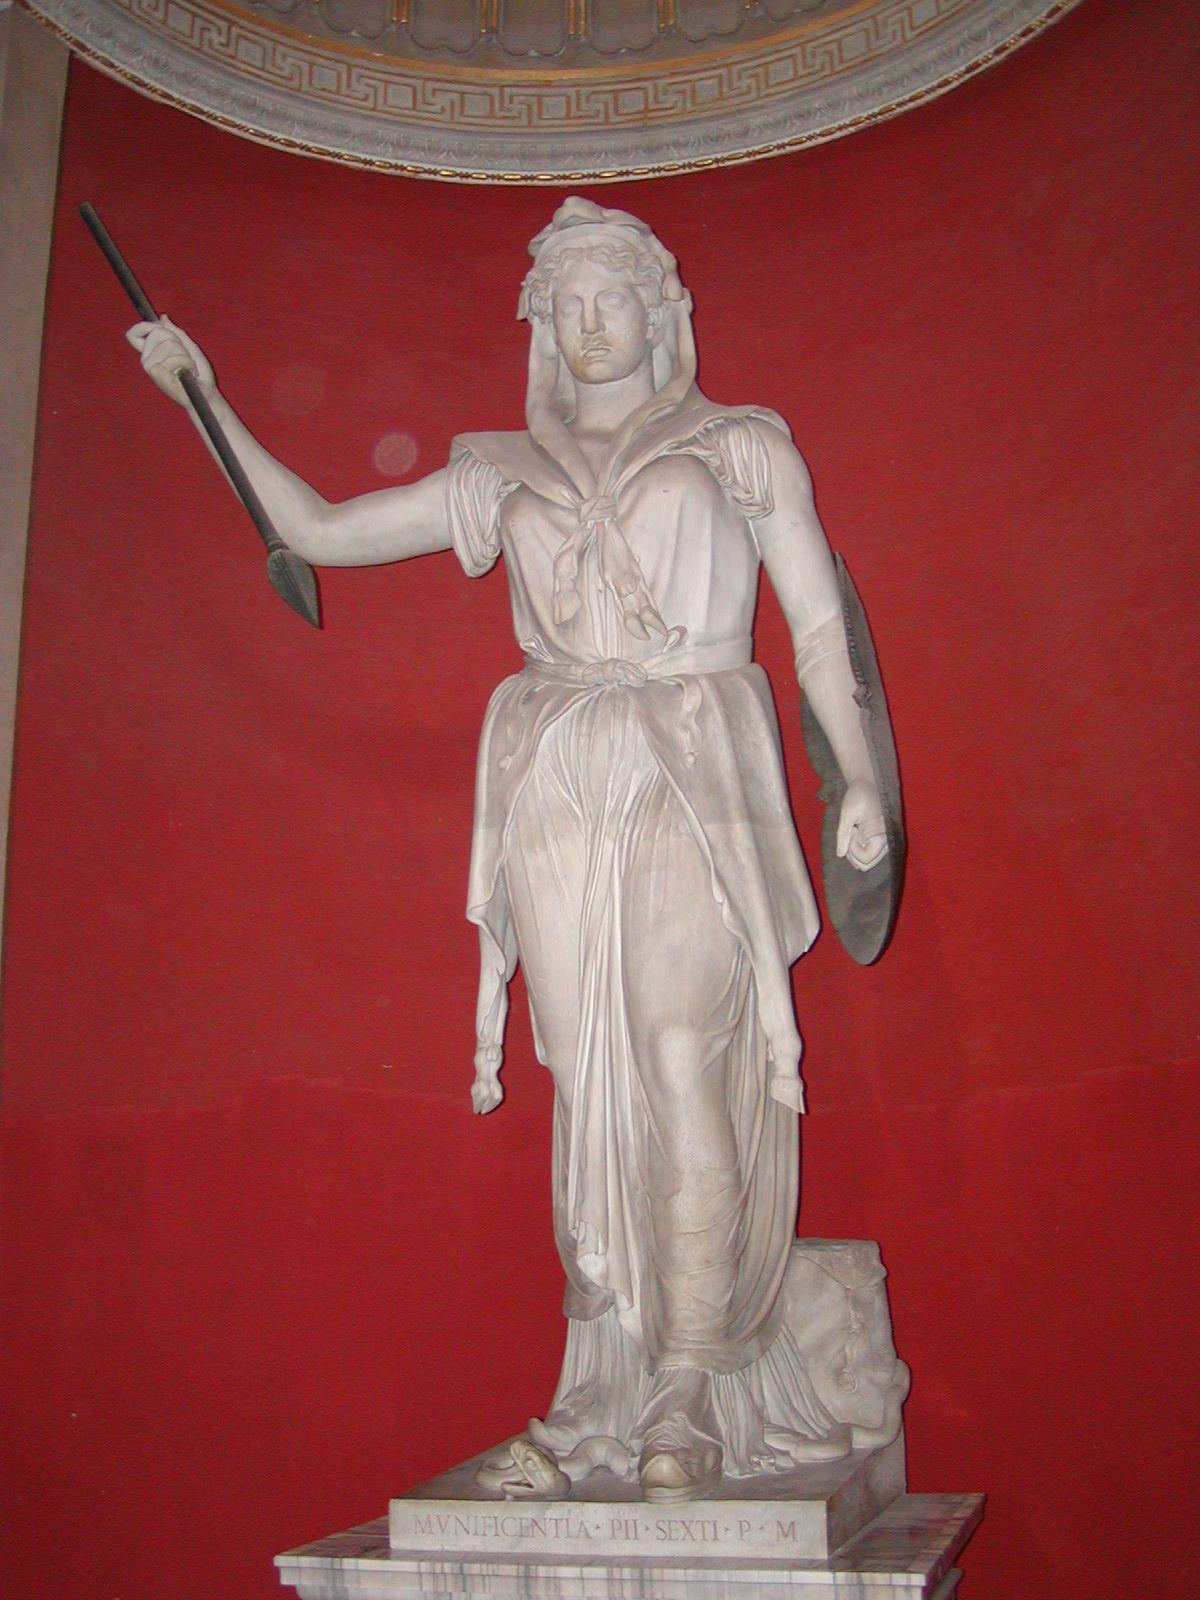 Pio-Clementine Museum - 2002-09-10-124841